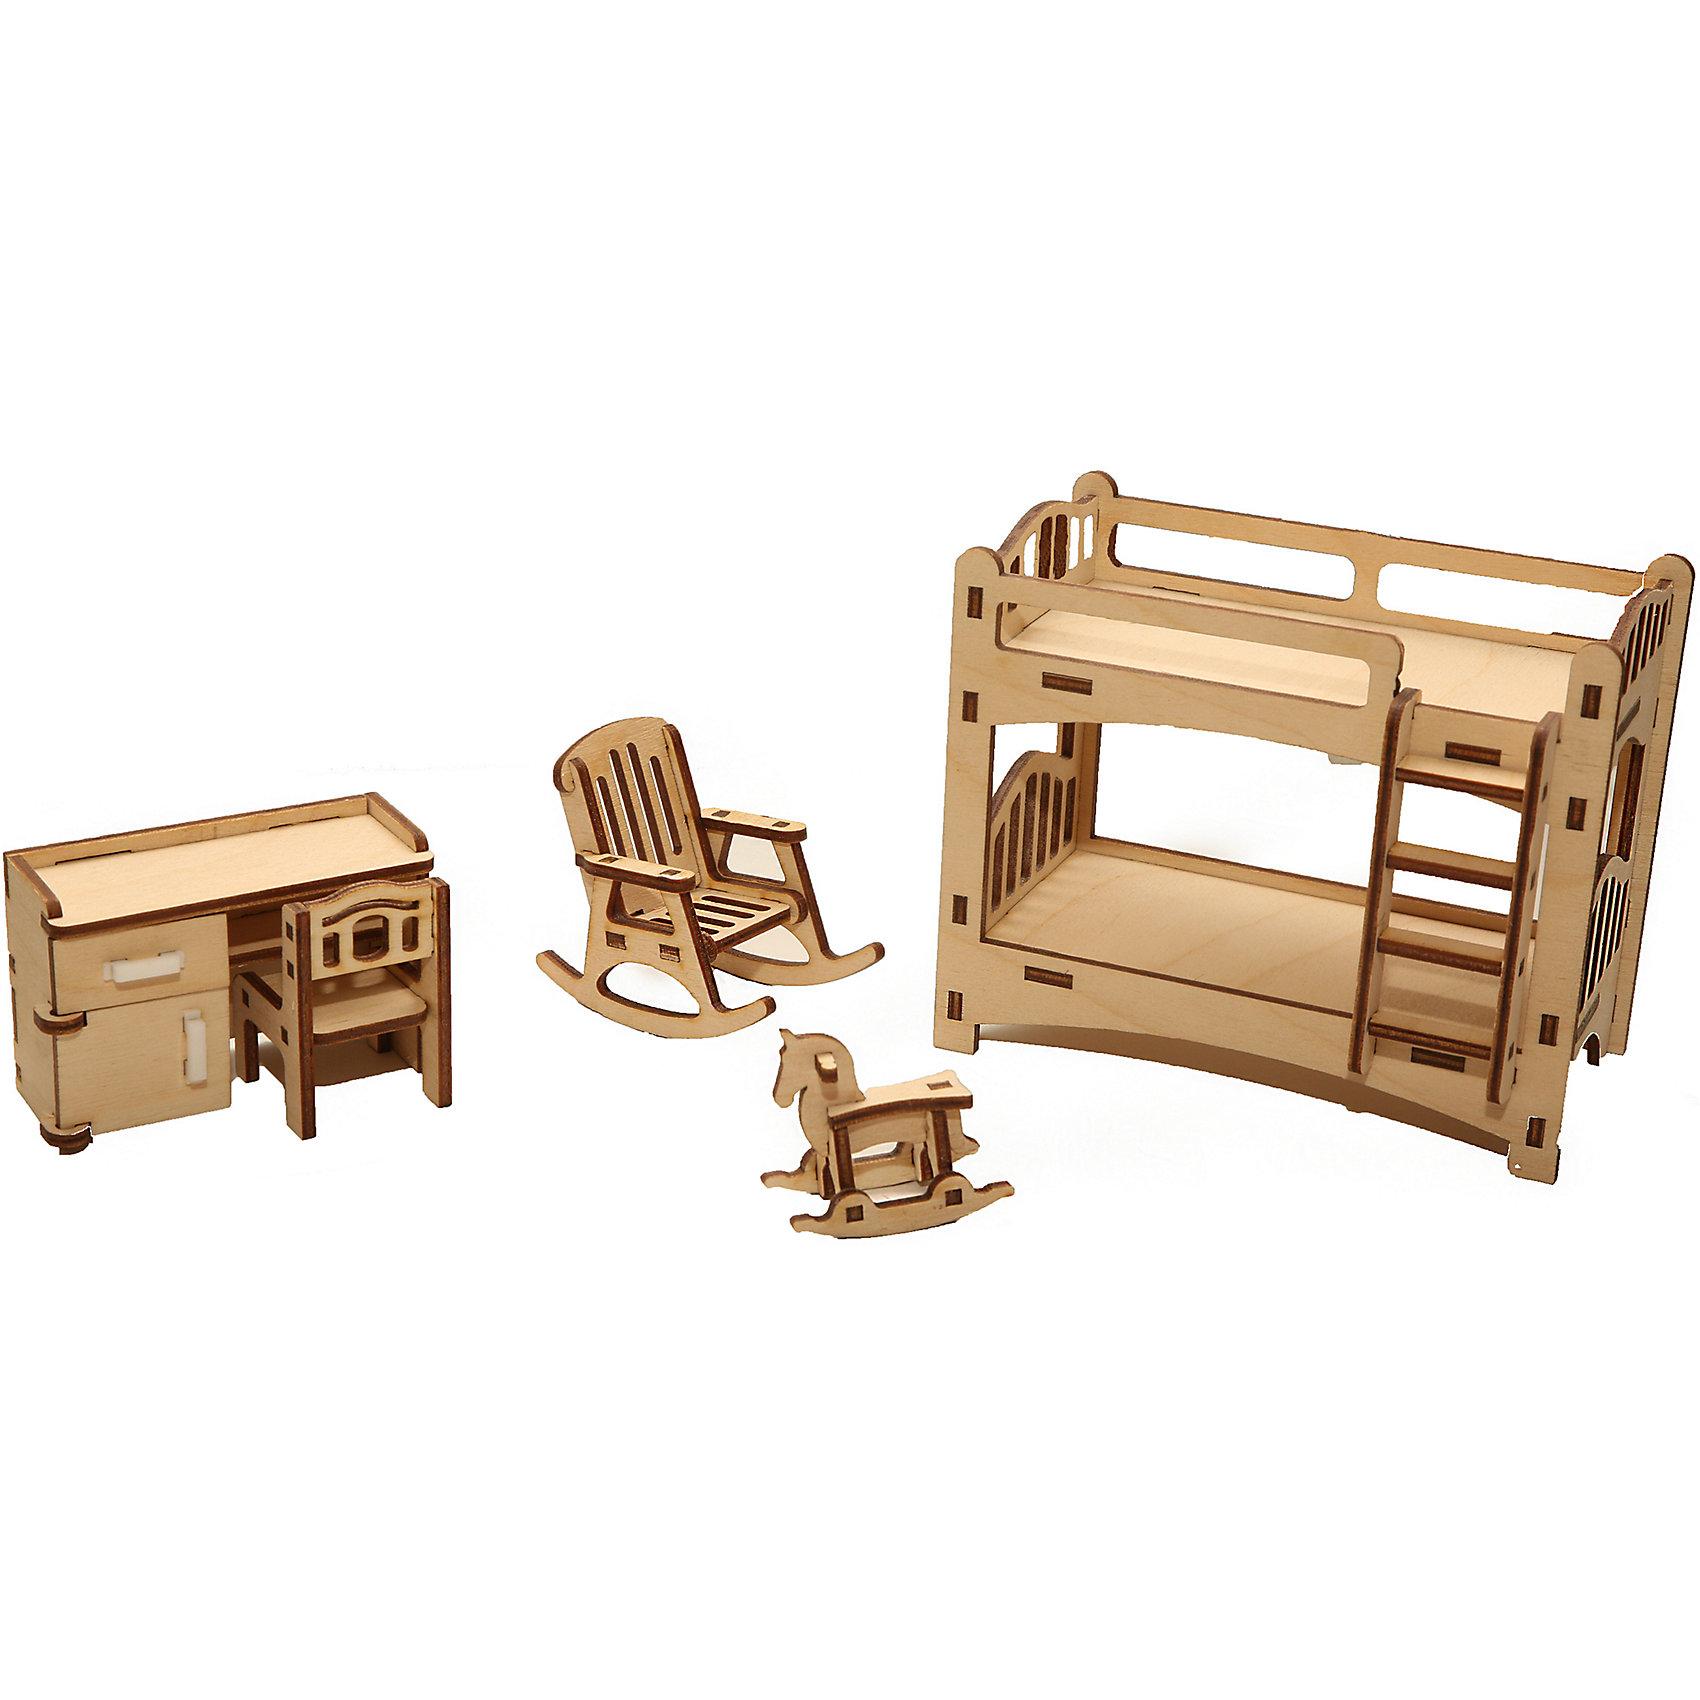 Деревянный набор мебели Happykon ДетскаяДомики и мебель<br><br><br>Ширина мм: 65<br>Глубина мм: 125<br>Высота мм: 105<br>Вес г: 190<br>Возраст от месяцев: 60<br>Возраст до месяцев: 144<br>Пол: Женский<br>Возраст: Детский<br>SKU: 7023769